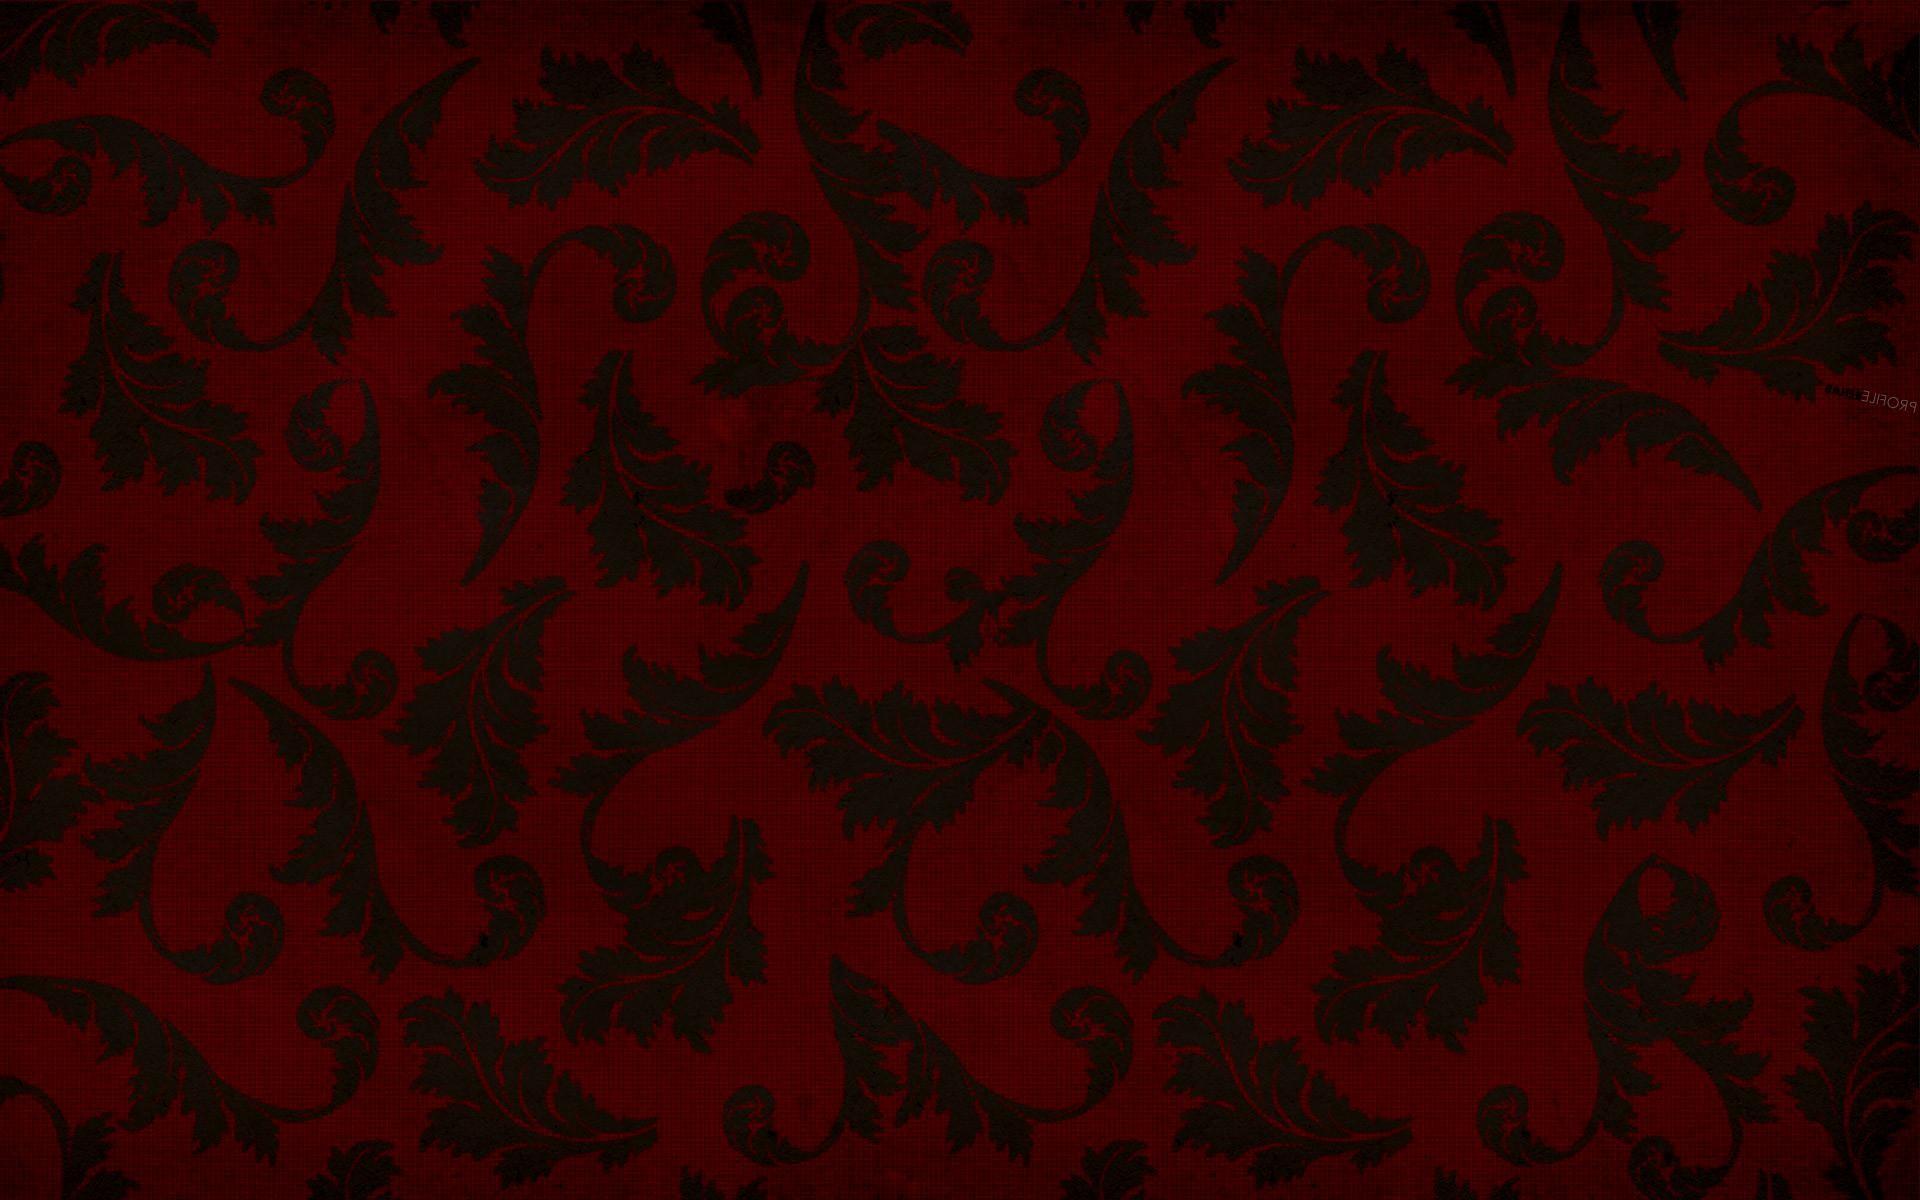 red and black vintage wallpaper 16 desktop wallpaper